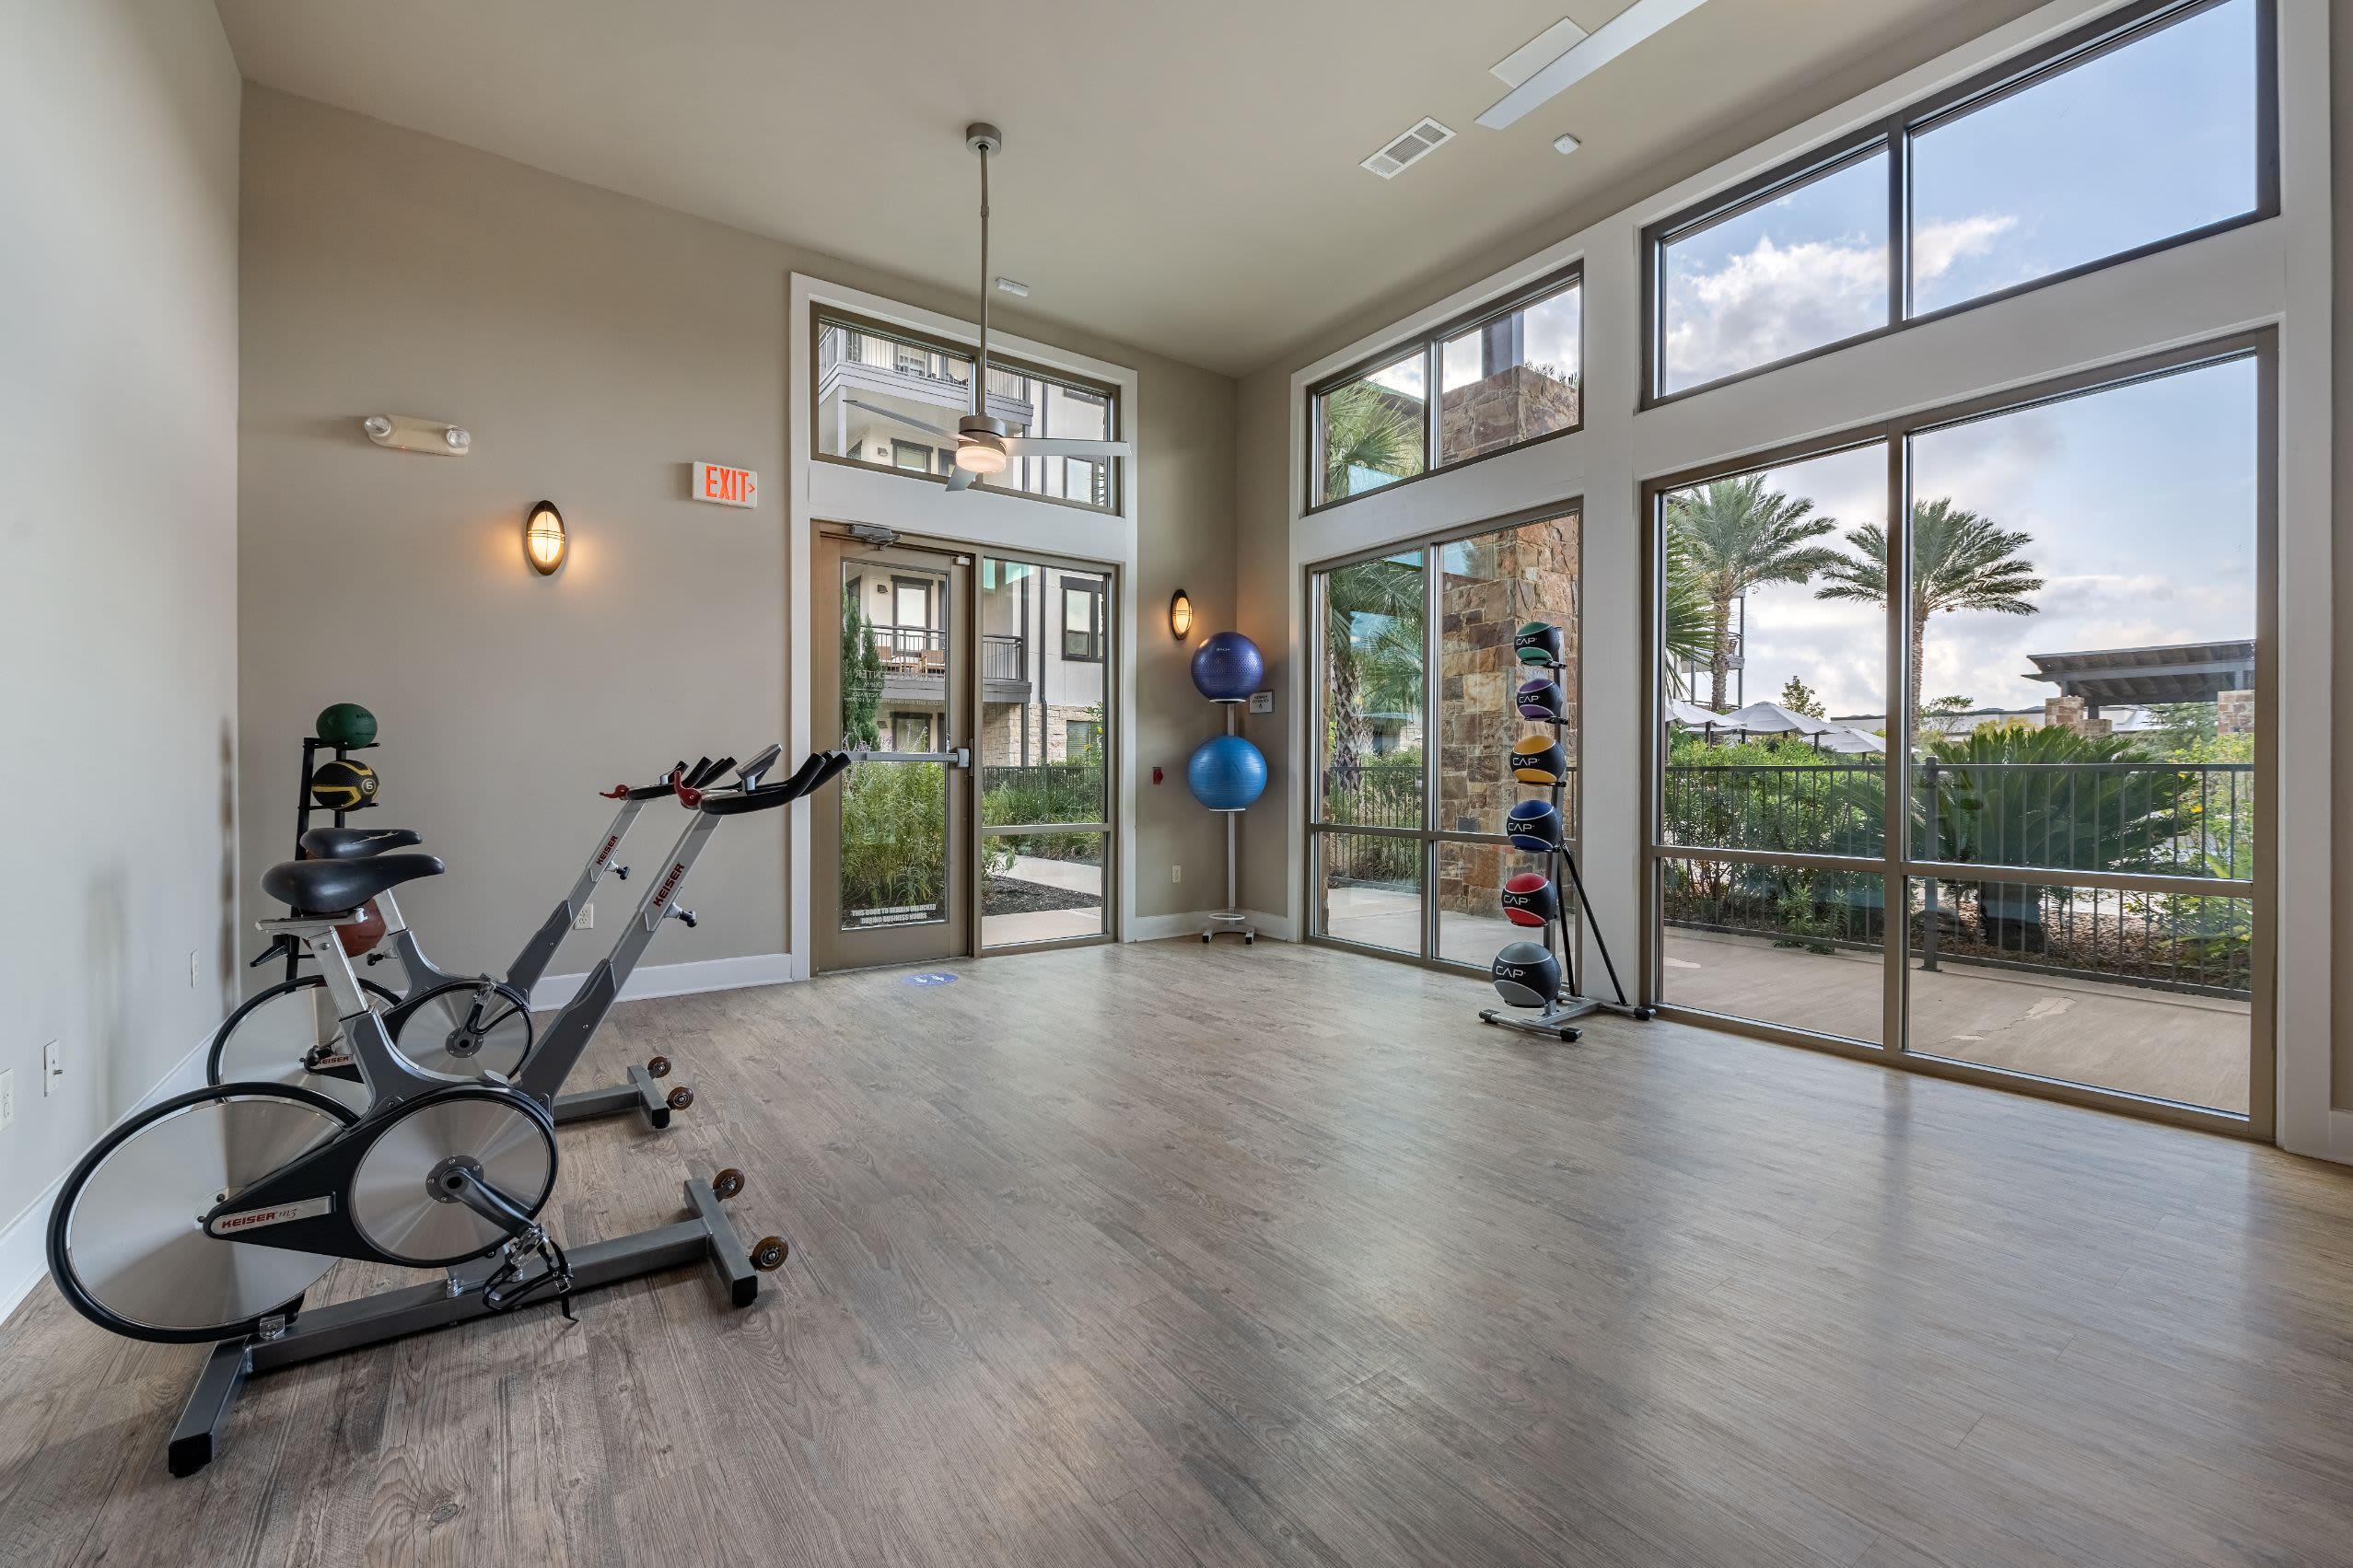 Spin room at Marquis Cresta Bella in San Antonio, Texas